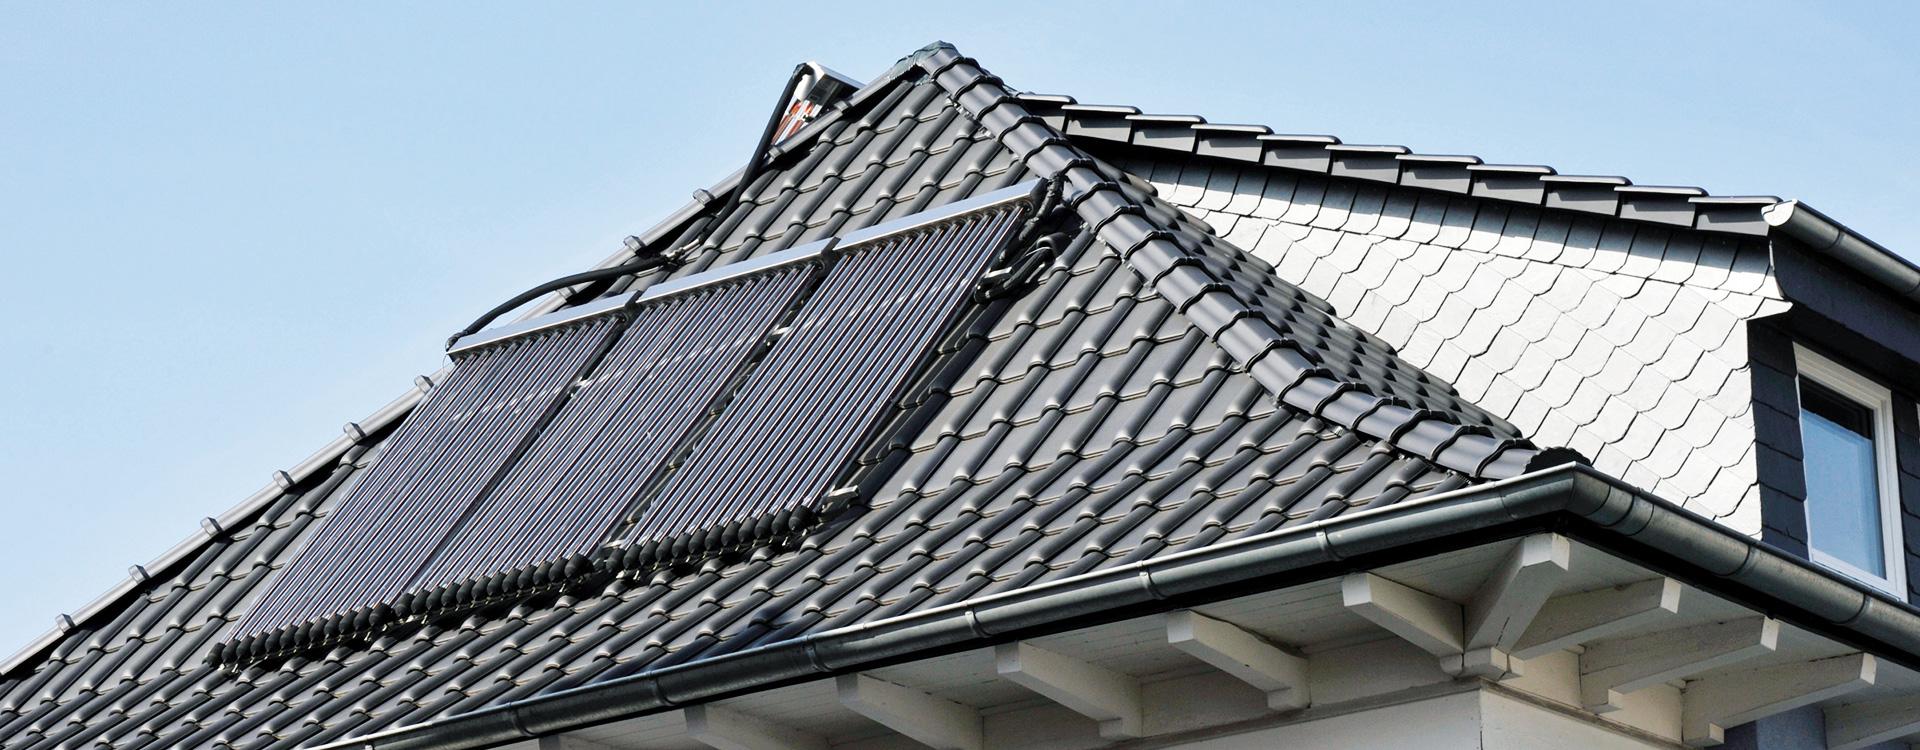 Stefan-Stolze-Heizungs-und-Sanitartechnik-Gmbh-Ihr-Klempner-in-Ahrensburg-solar-heizungsunterstuetzung